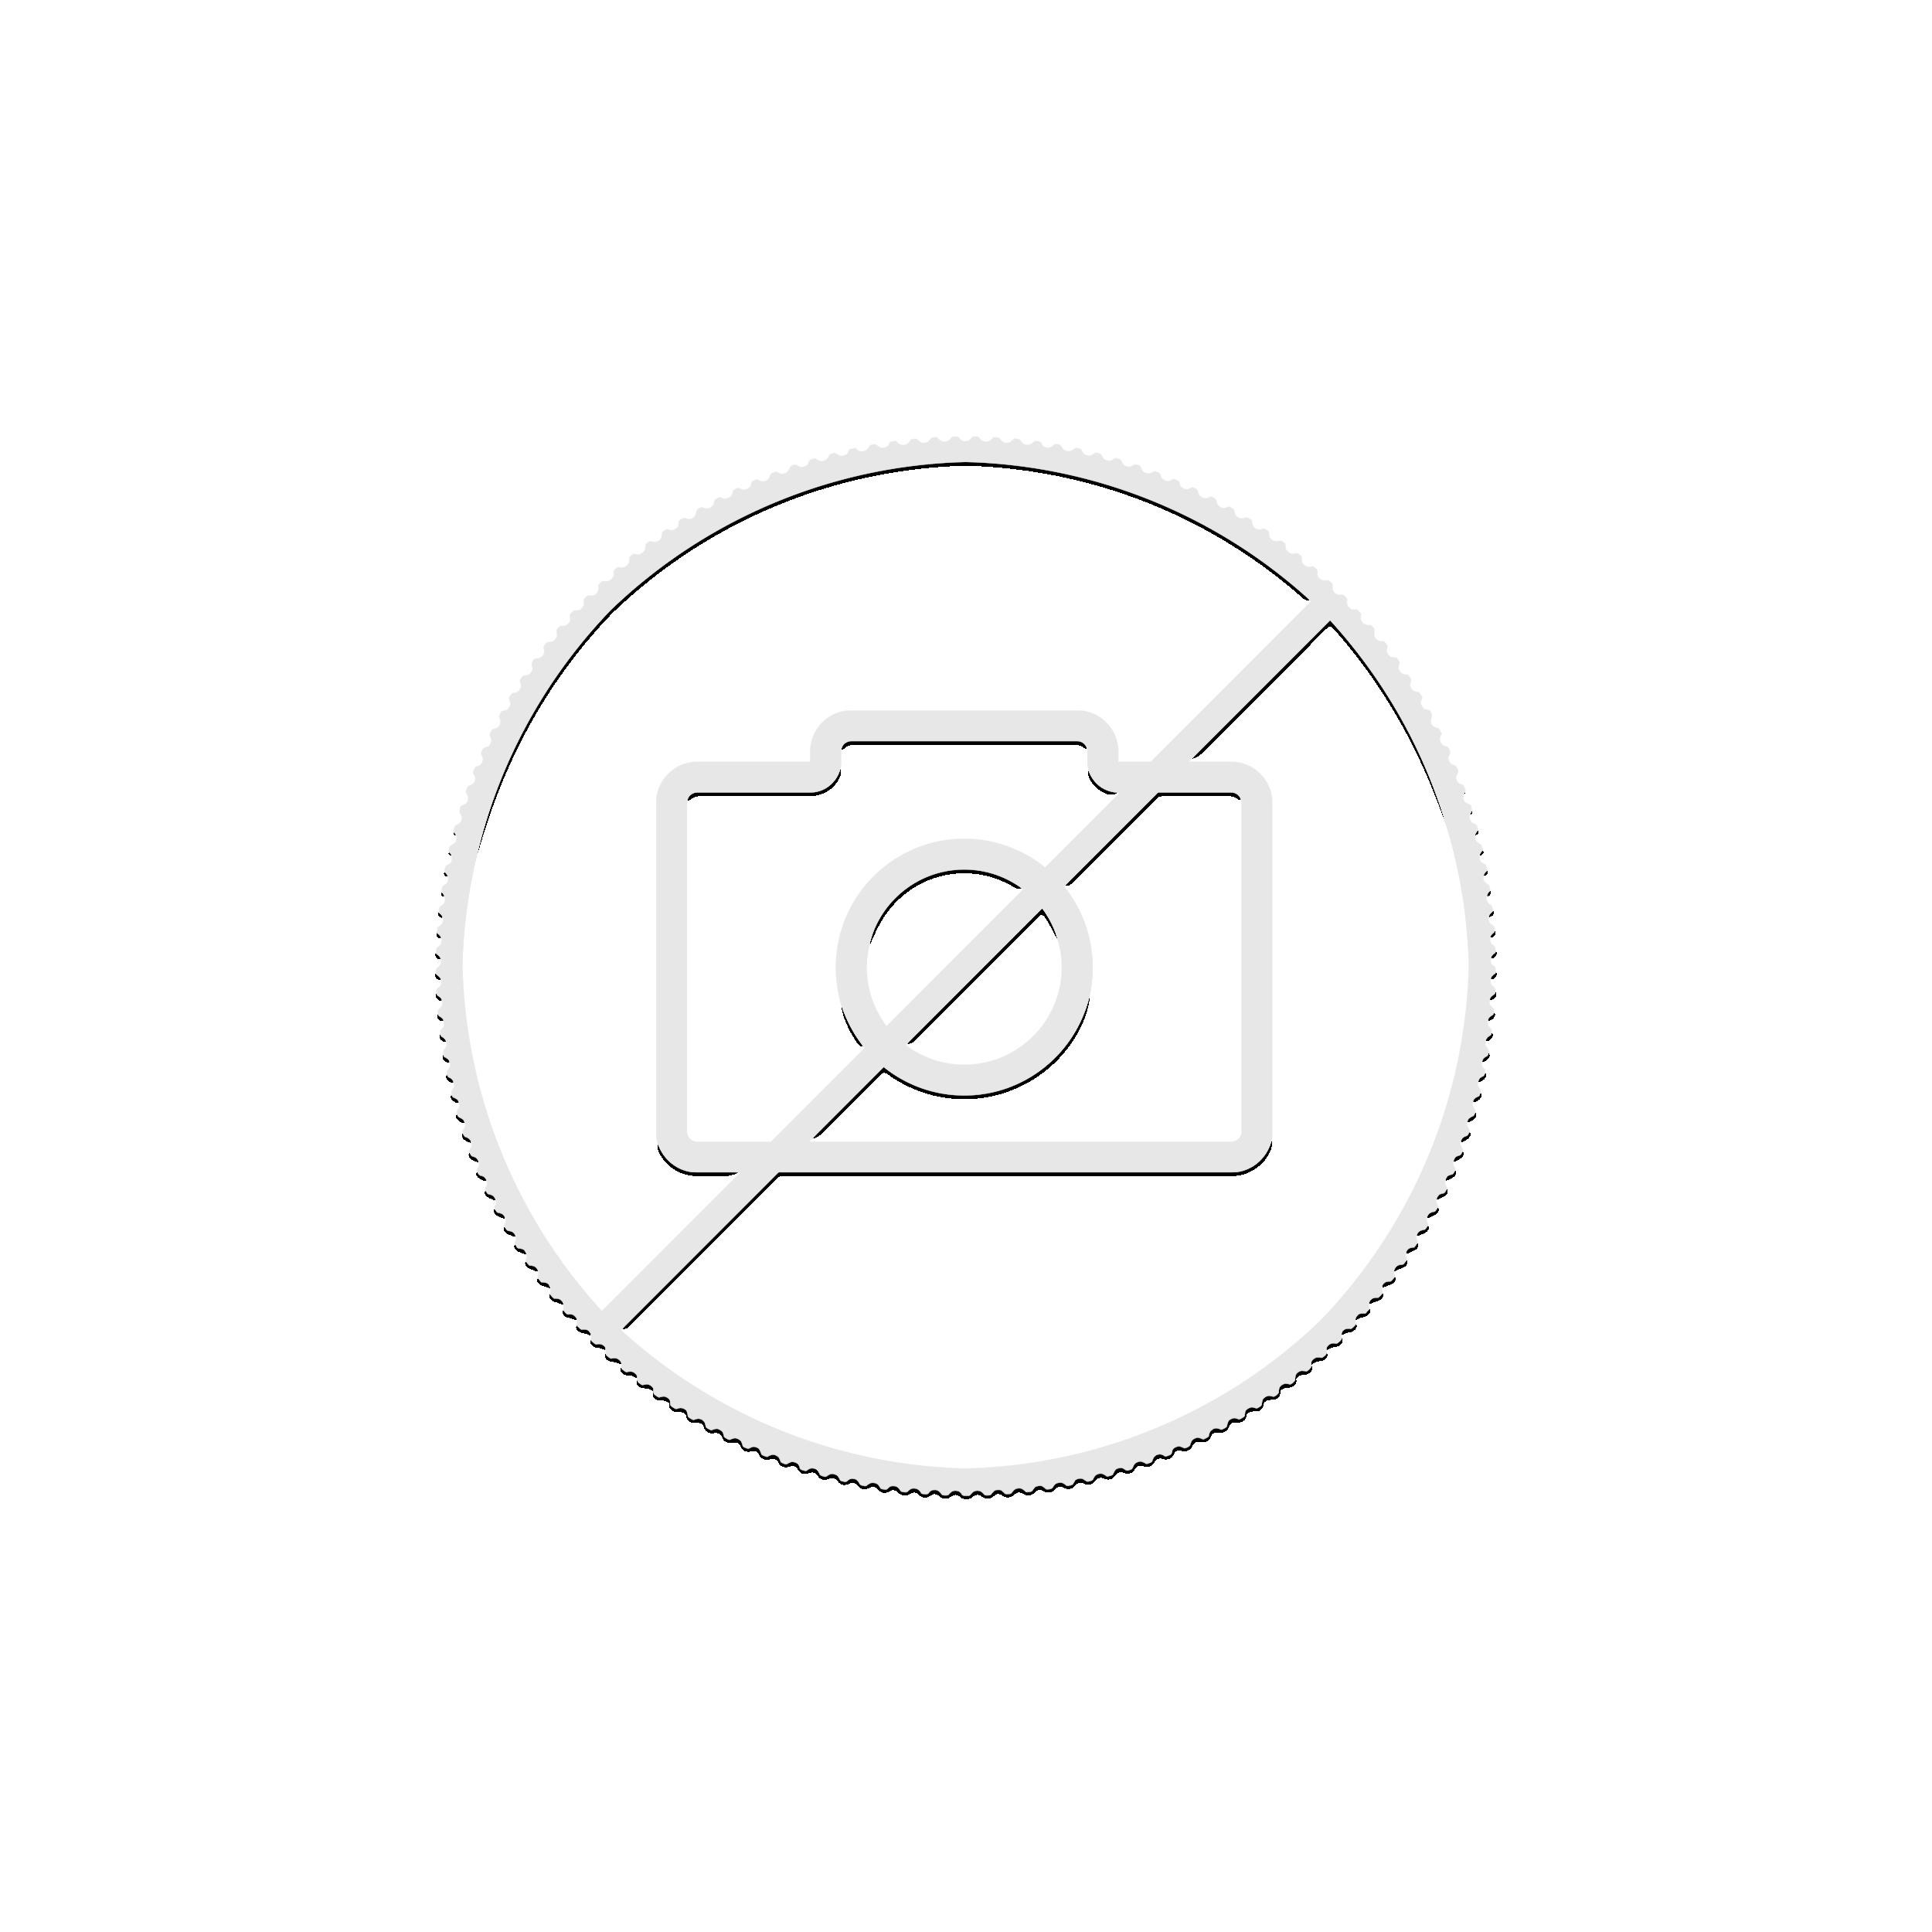 10 troy ounce silver Kookaburra coin 2010